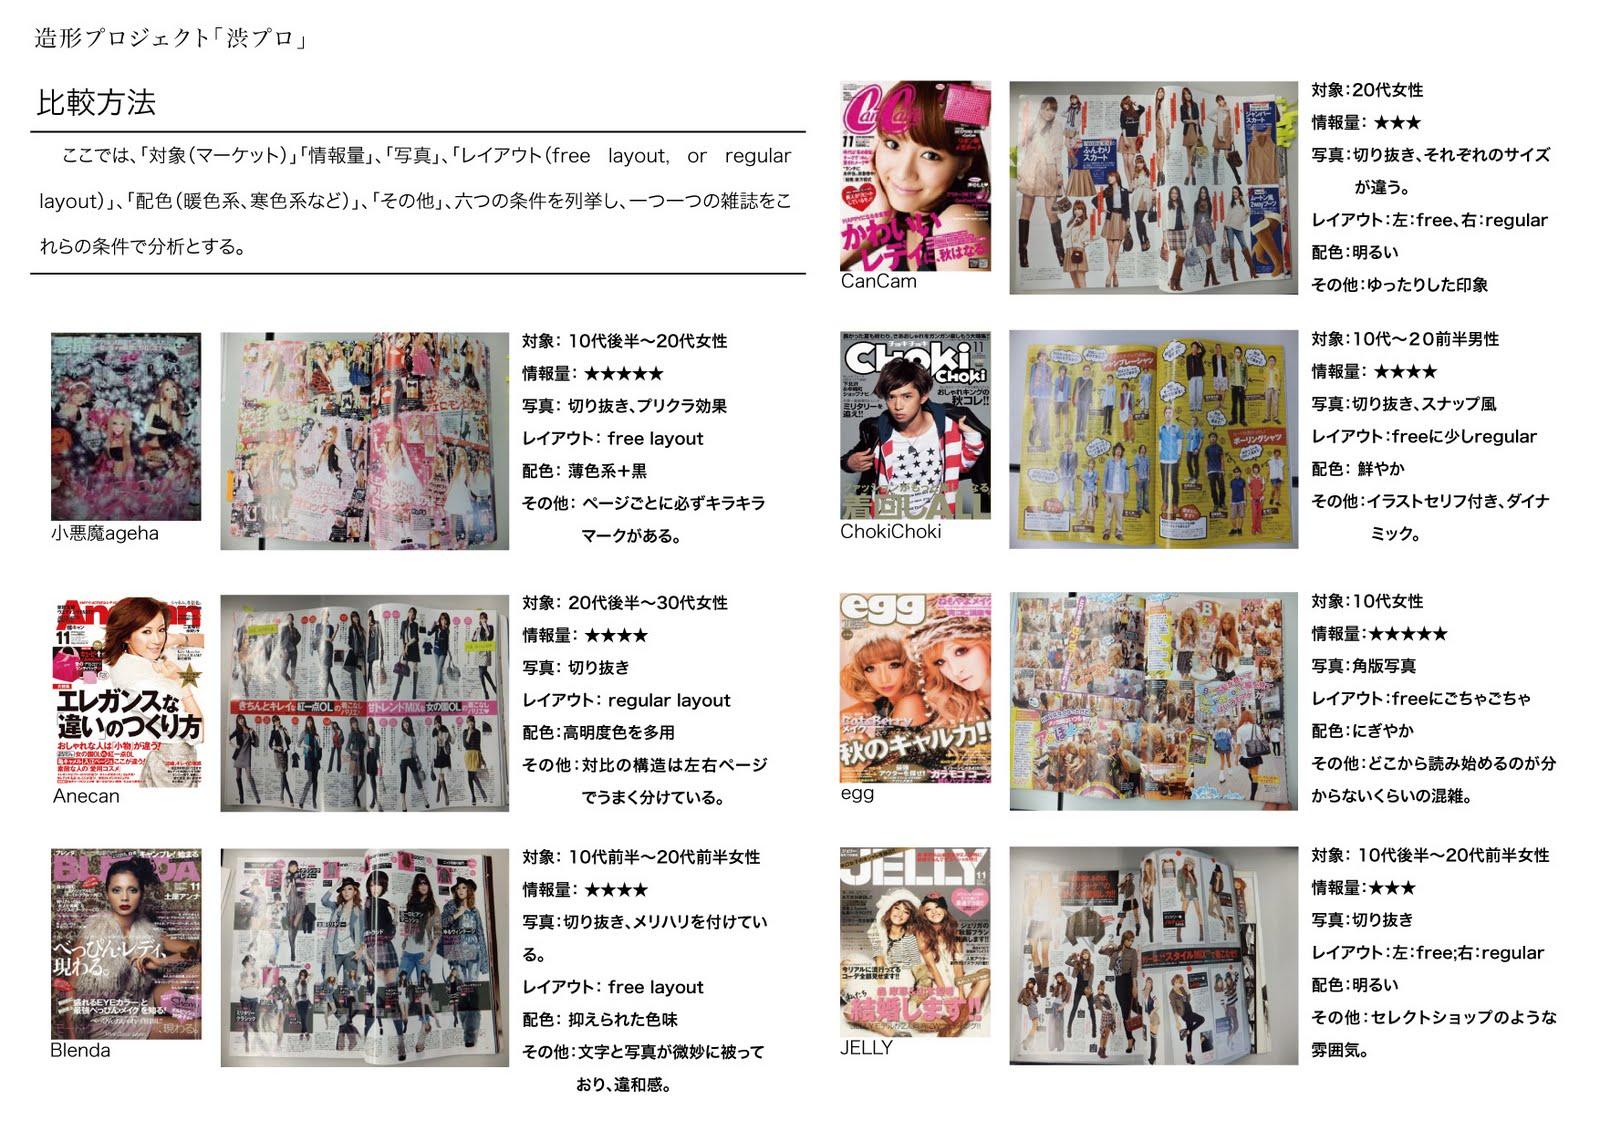 そこで、私はファッション雑誌のレイアウトデザインを分析してみましたので、どうぞよろしくお願いいたします。(ここで見たら、字がはっきり見えないと思いますが、